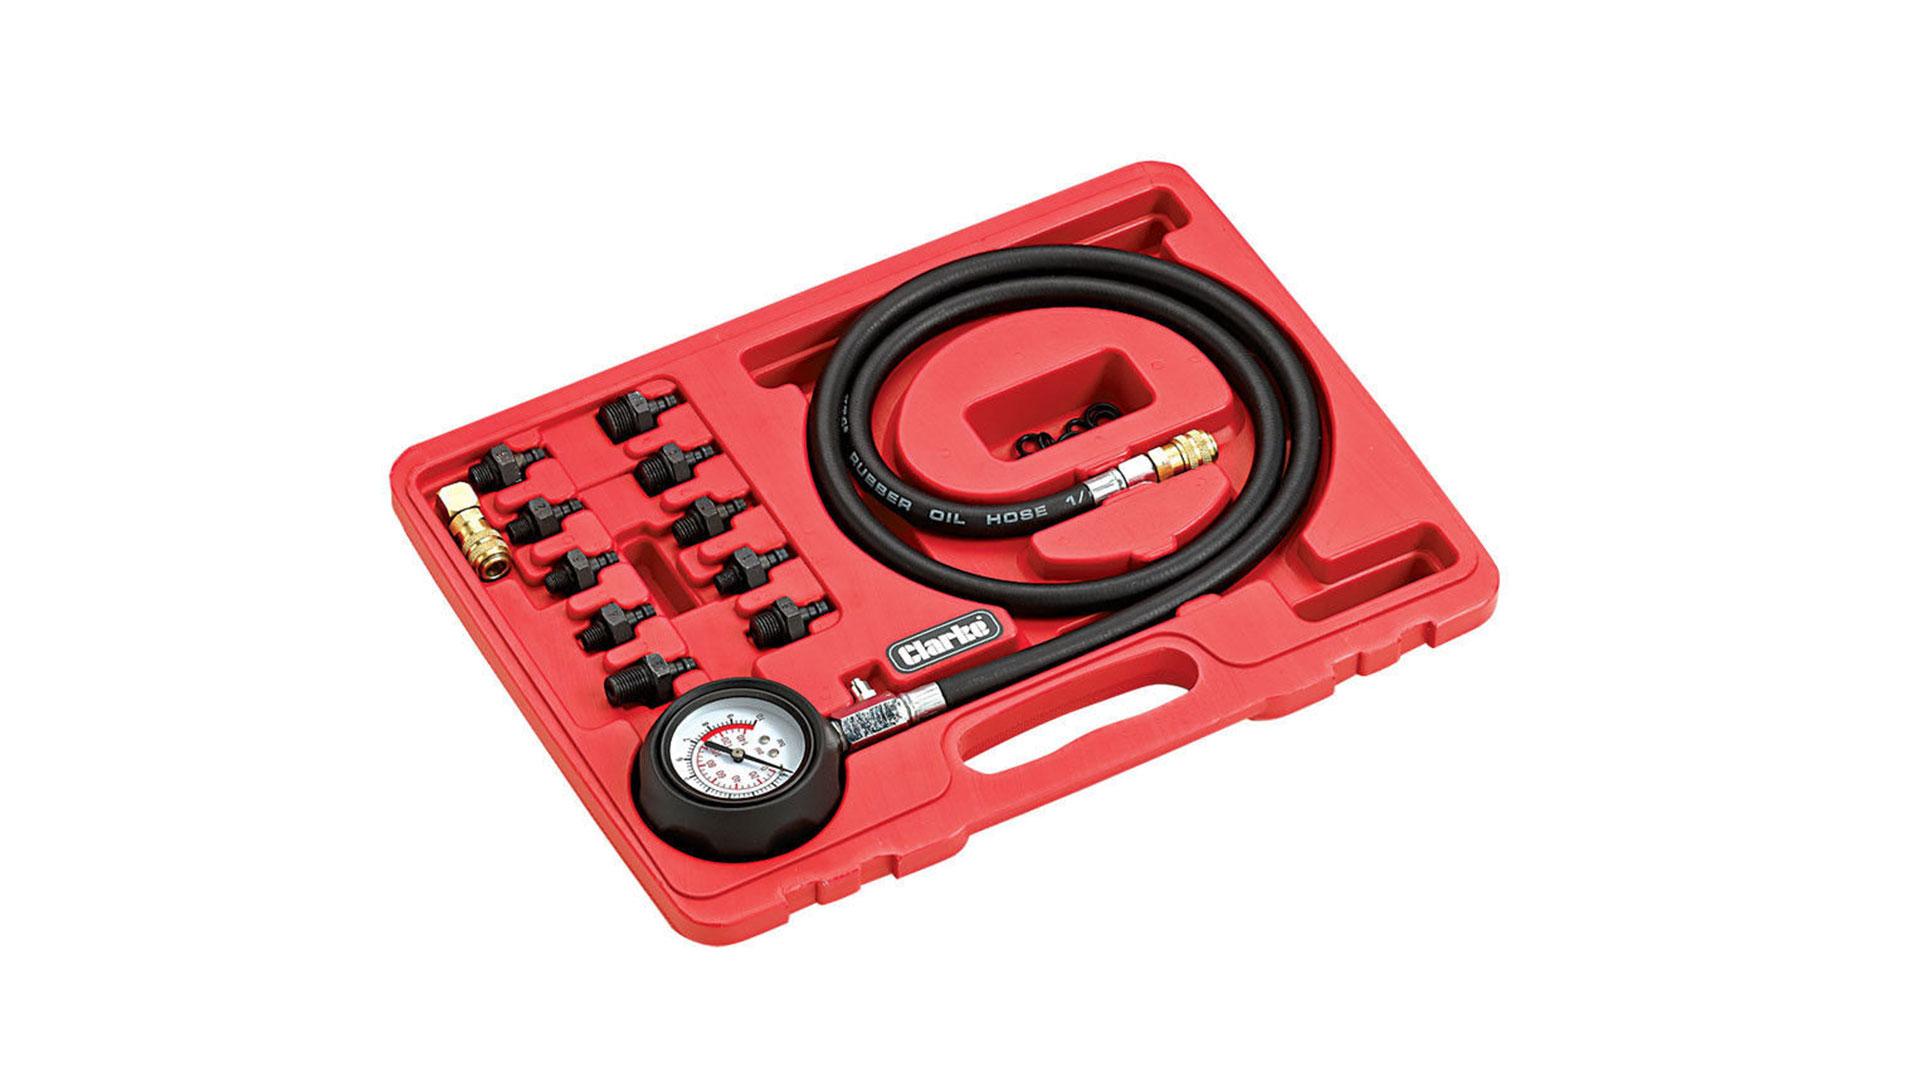 clarke cht712 oil pressure test kit